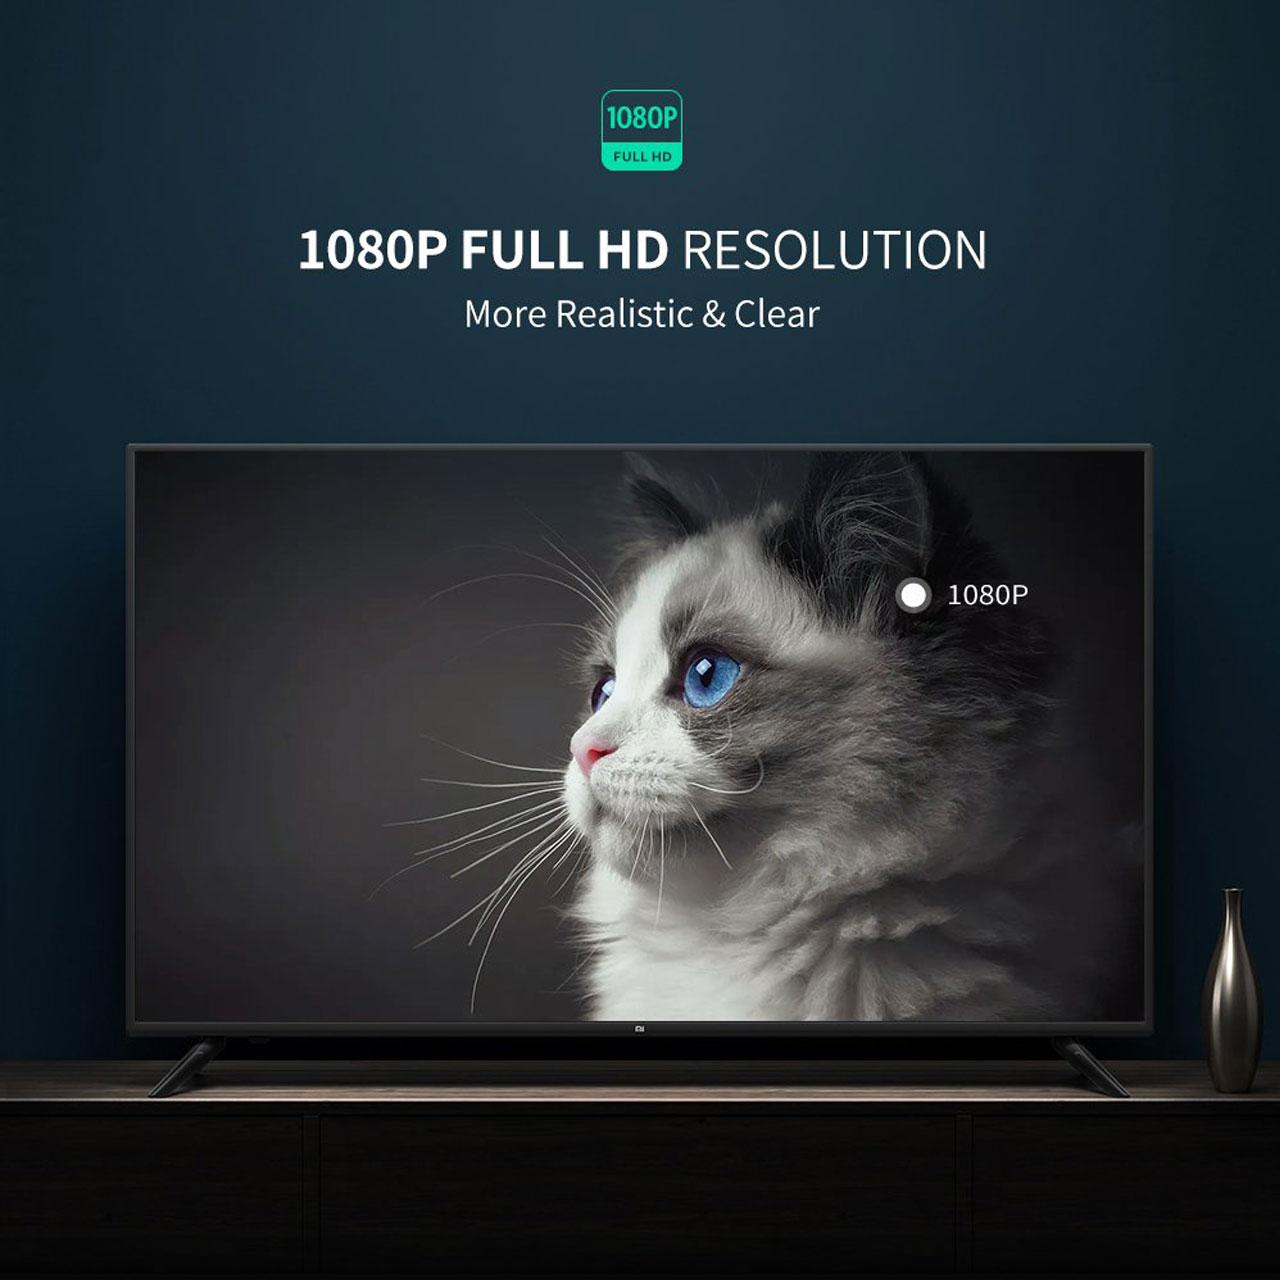 تبدیل HDMI به VGA حرفه ای برند UGREEN mm103 20248 یوگیرین